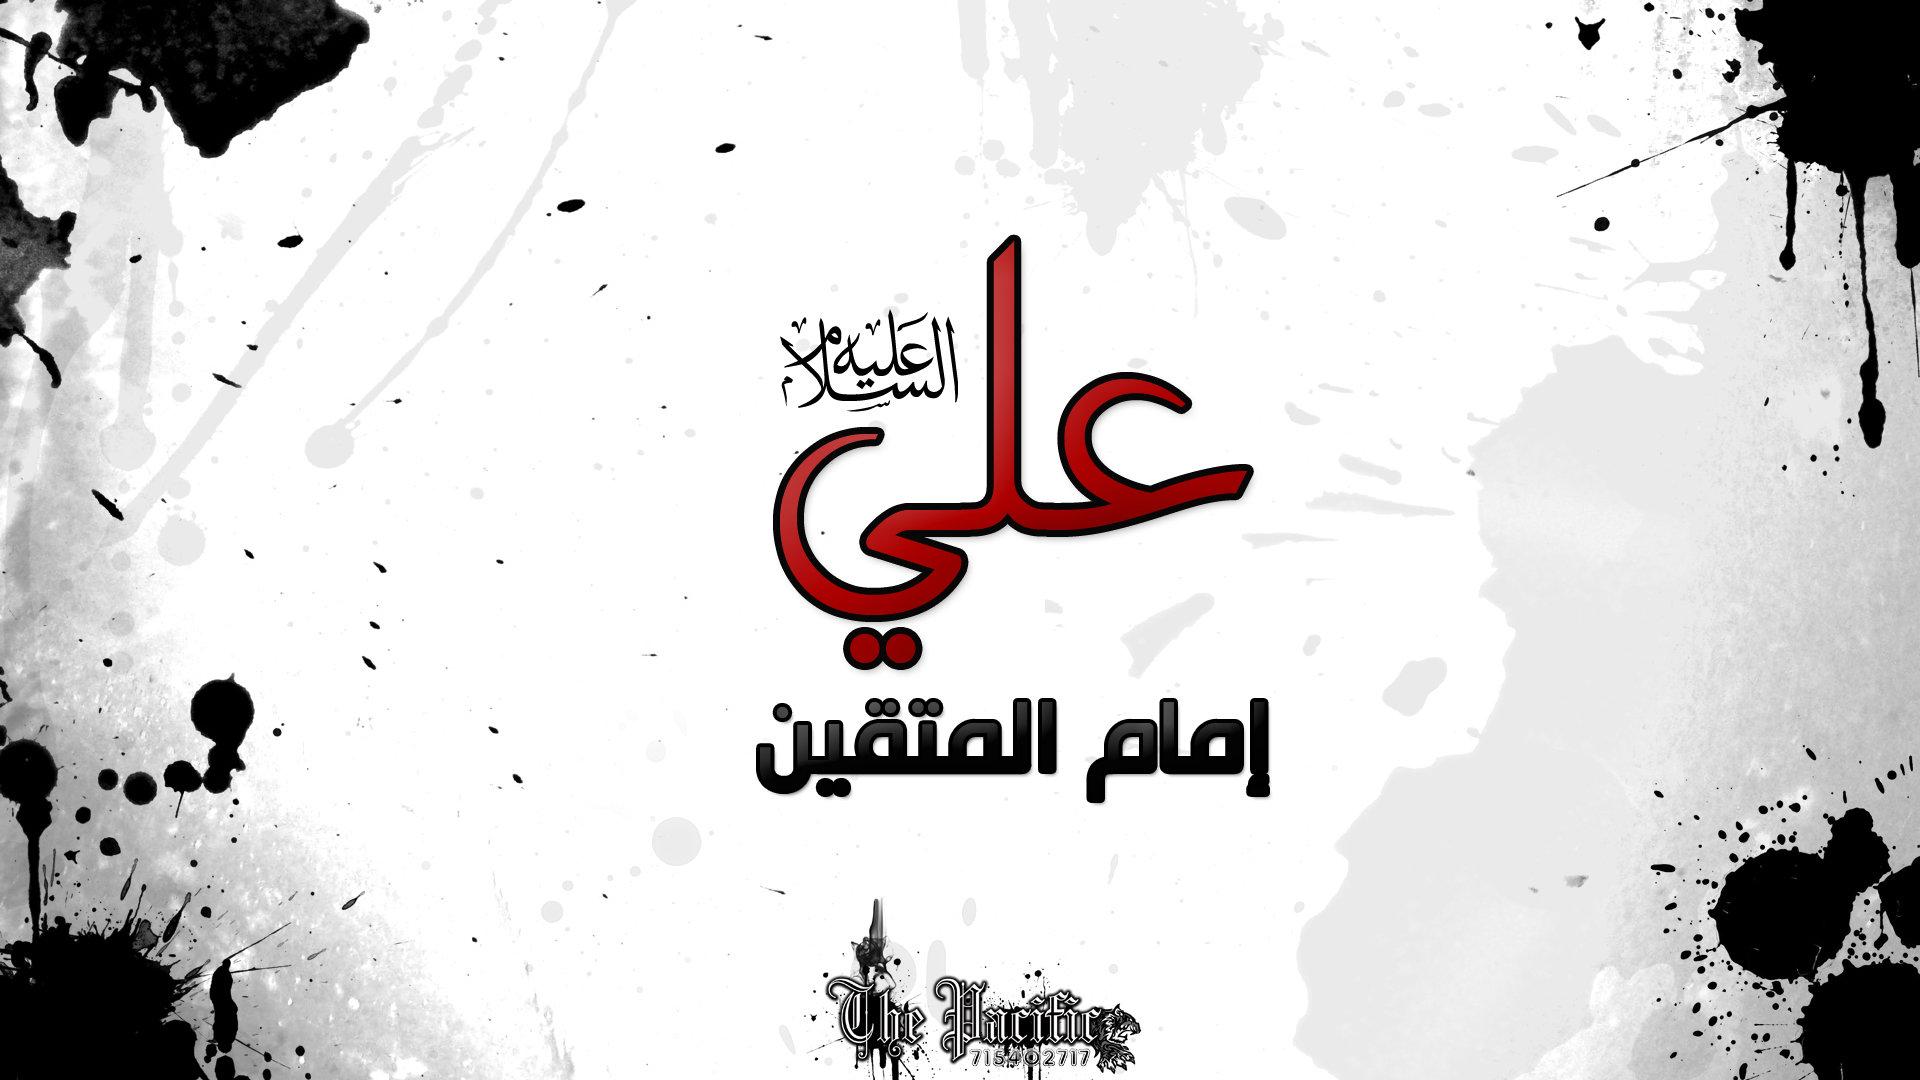 islam wallpaper hd 1080p 438474